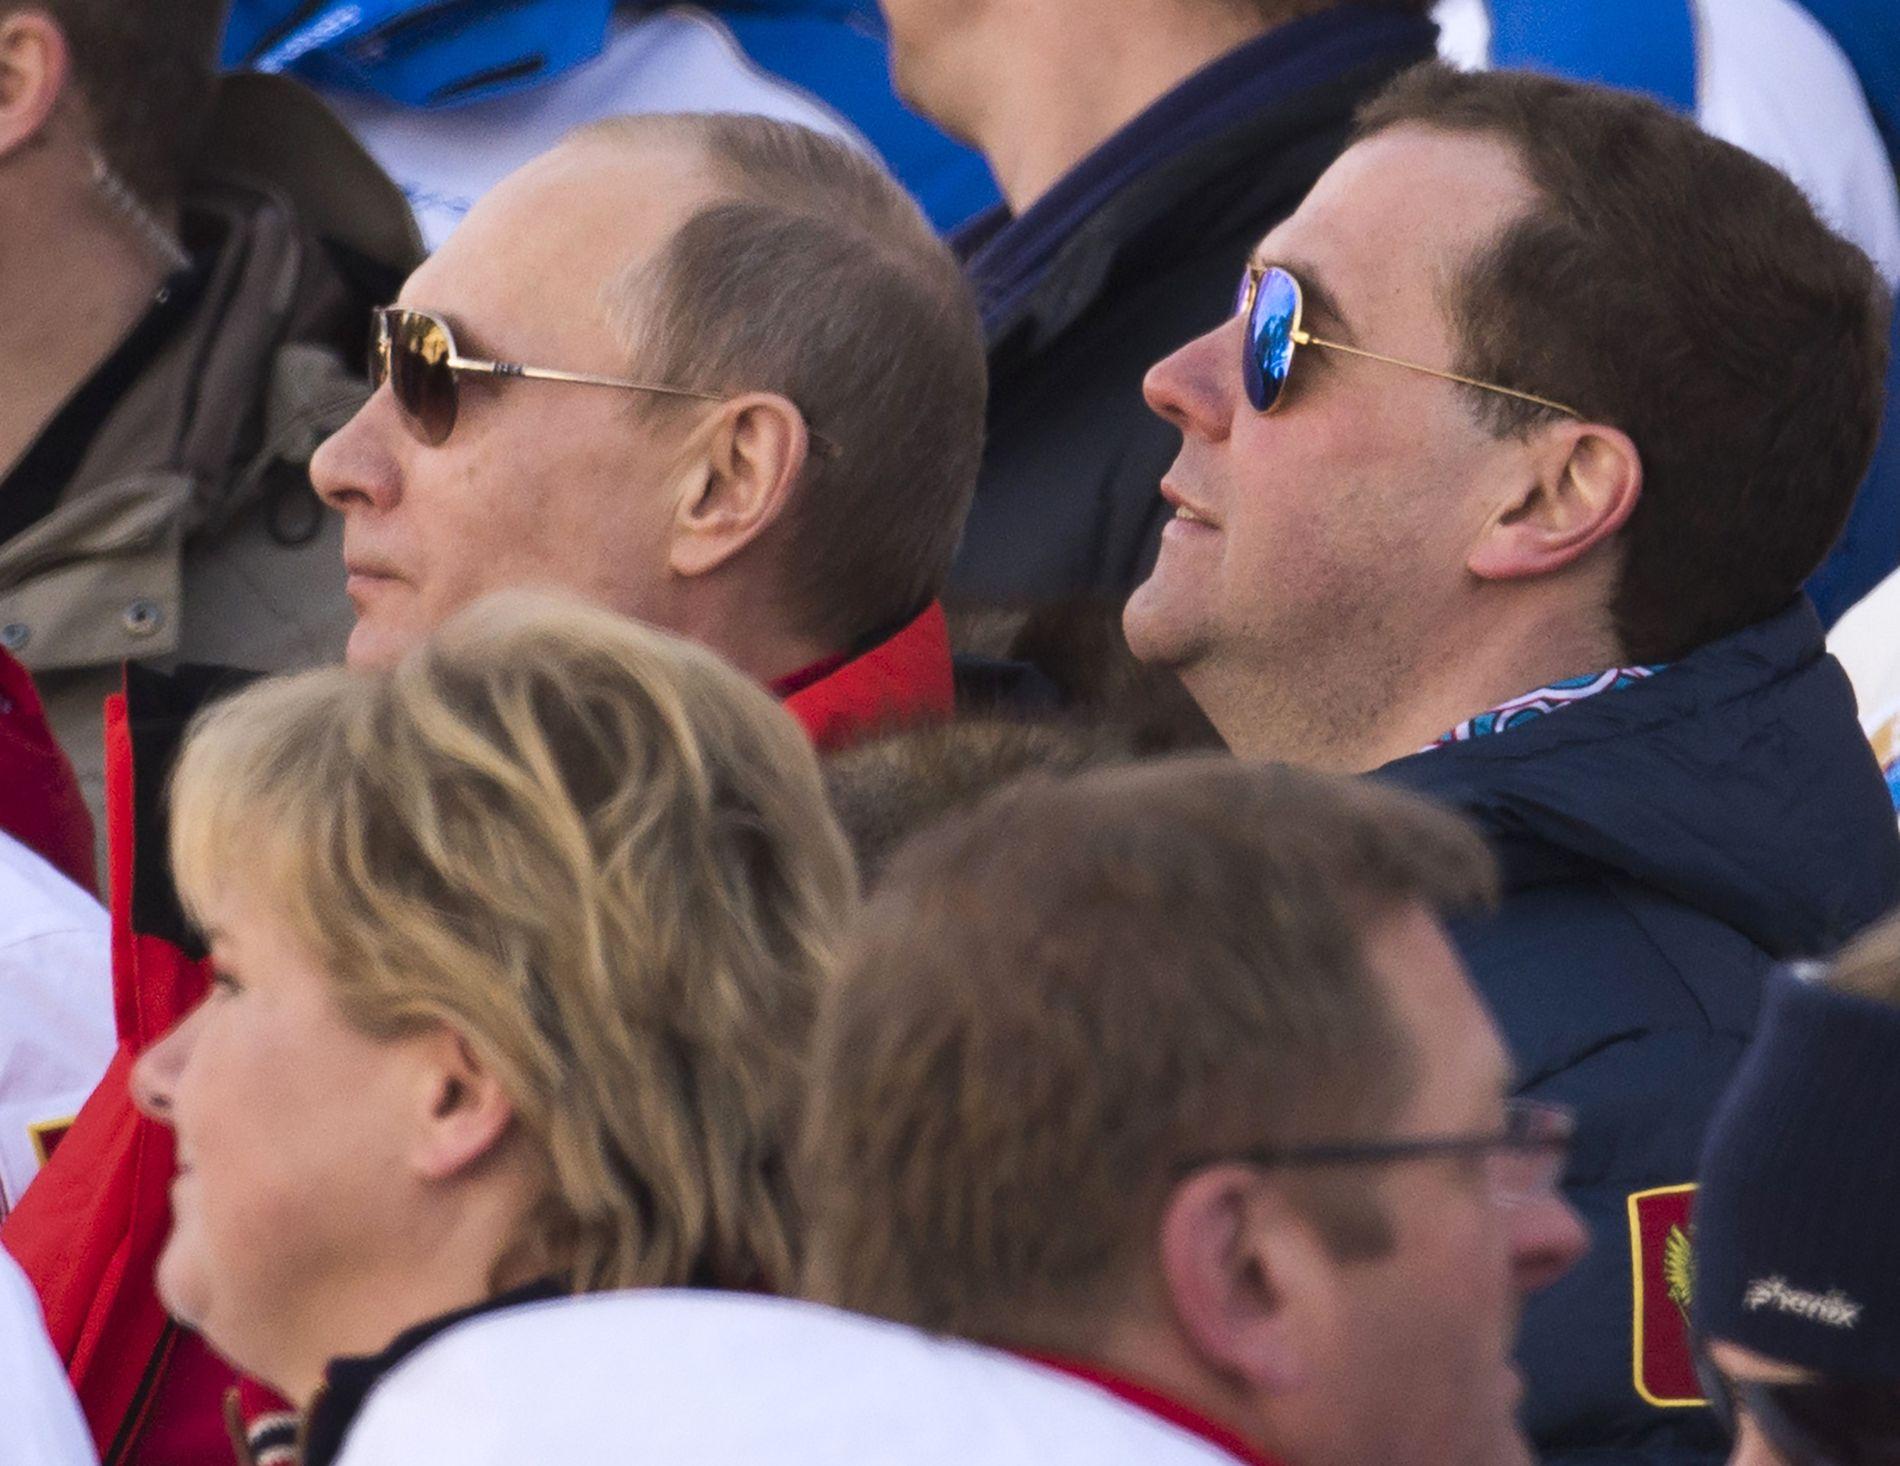 SAMMEN PÅ TRIBUNEN: Russlands president Vladimir Putin og statsminister Dmitry Medvedev satt sammen med Erna Solberg på tribunen under OL i Sotsji i februar 2014.